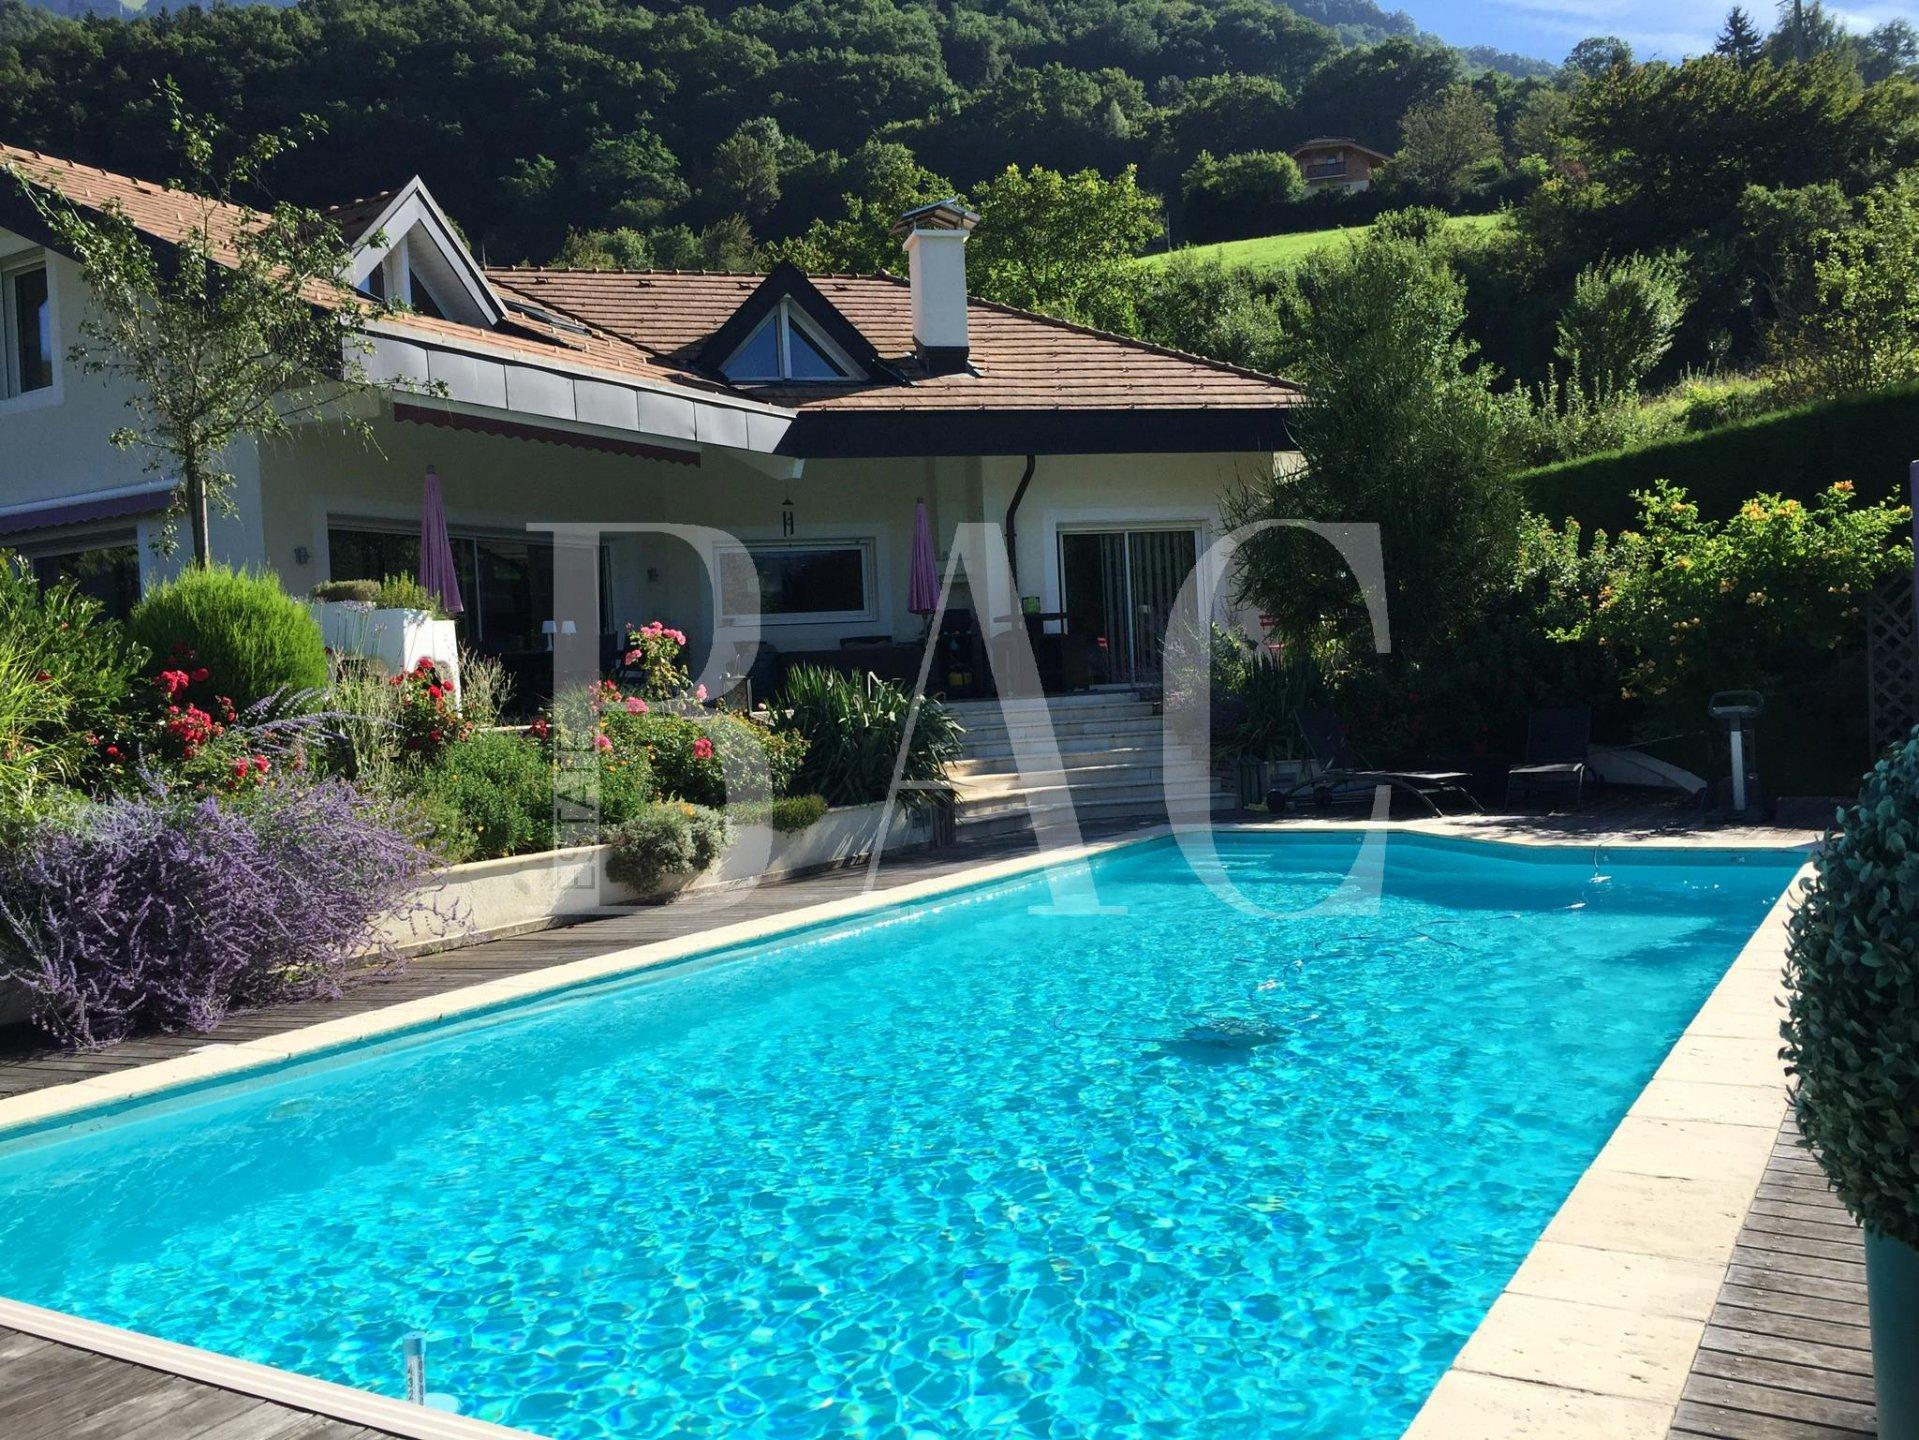 Propriété d'exception à PASSY de 226 m² avec piscine, plein sud. 5 chambre dont une Master Room. Très bel ensoleillement.